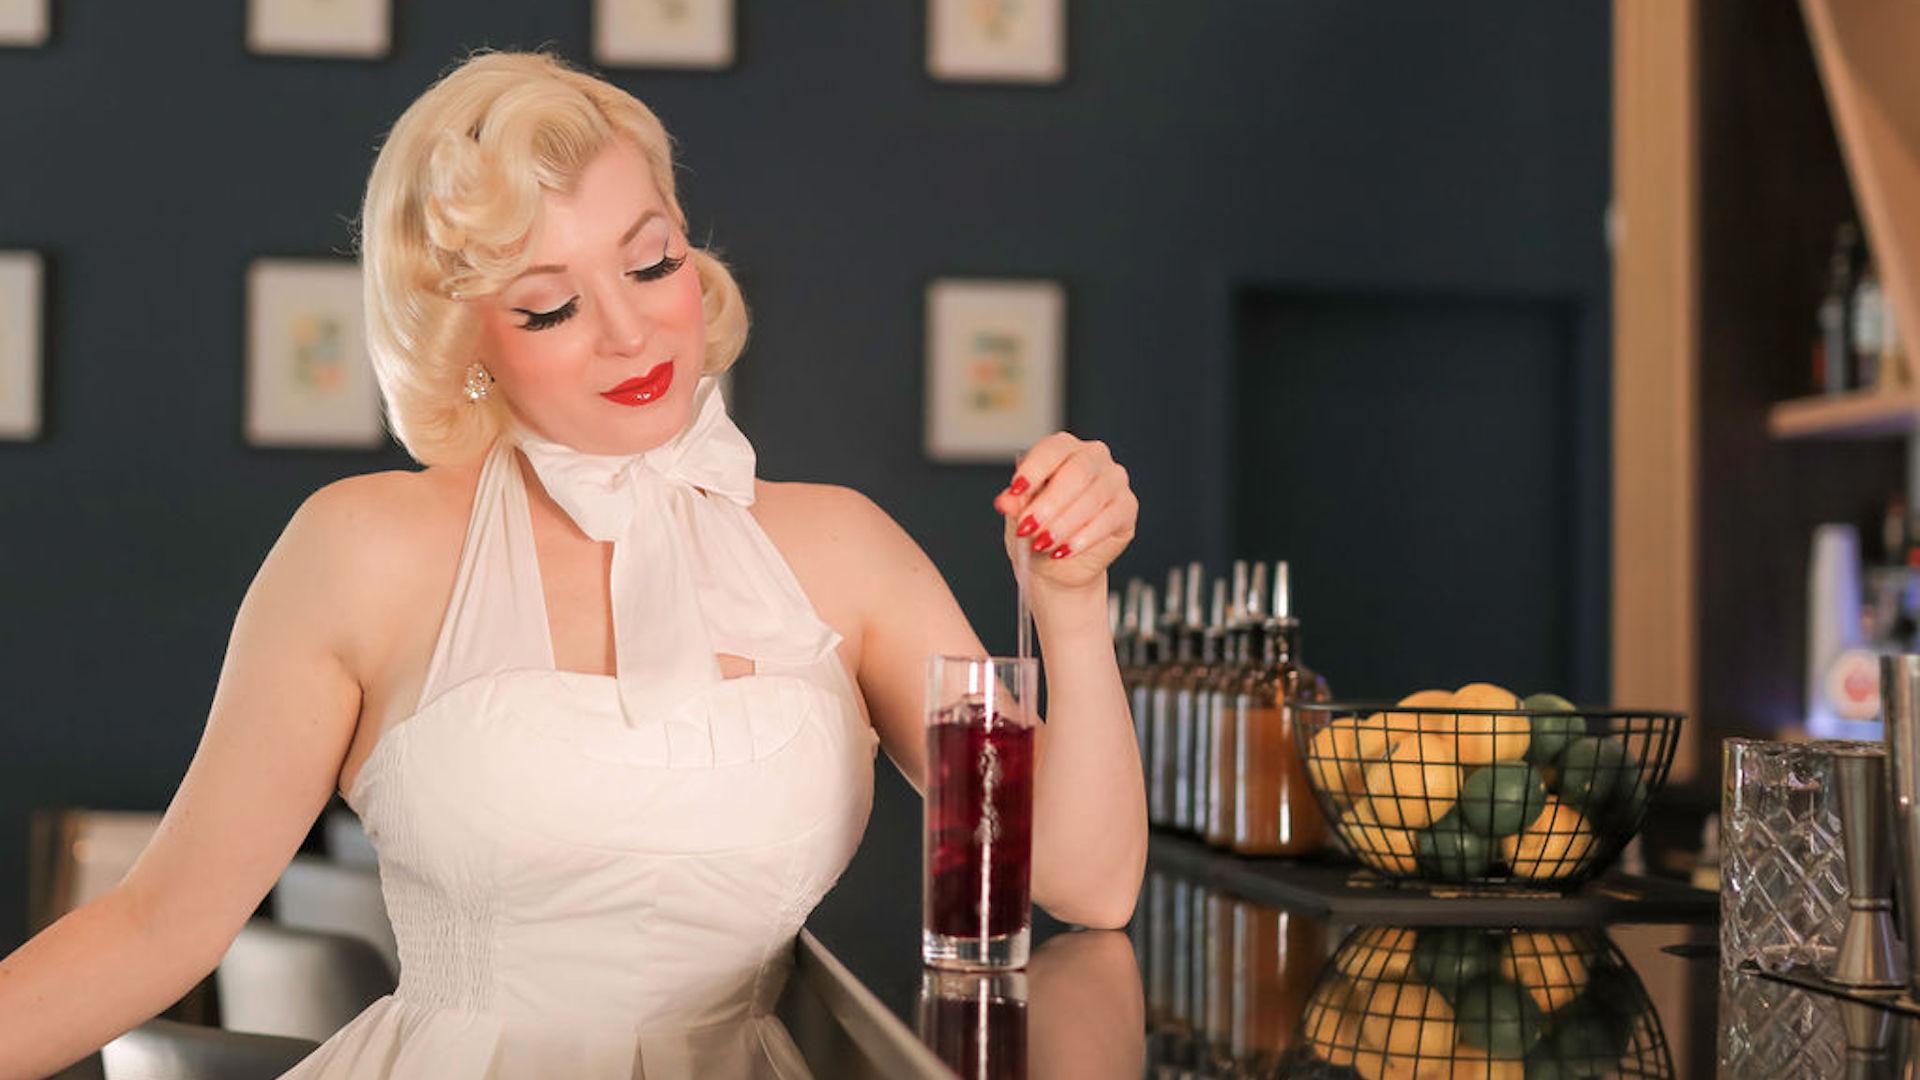 vances bakery bar - barside